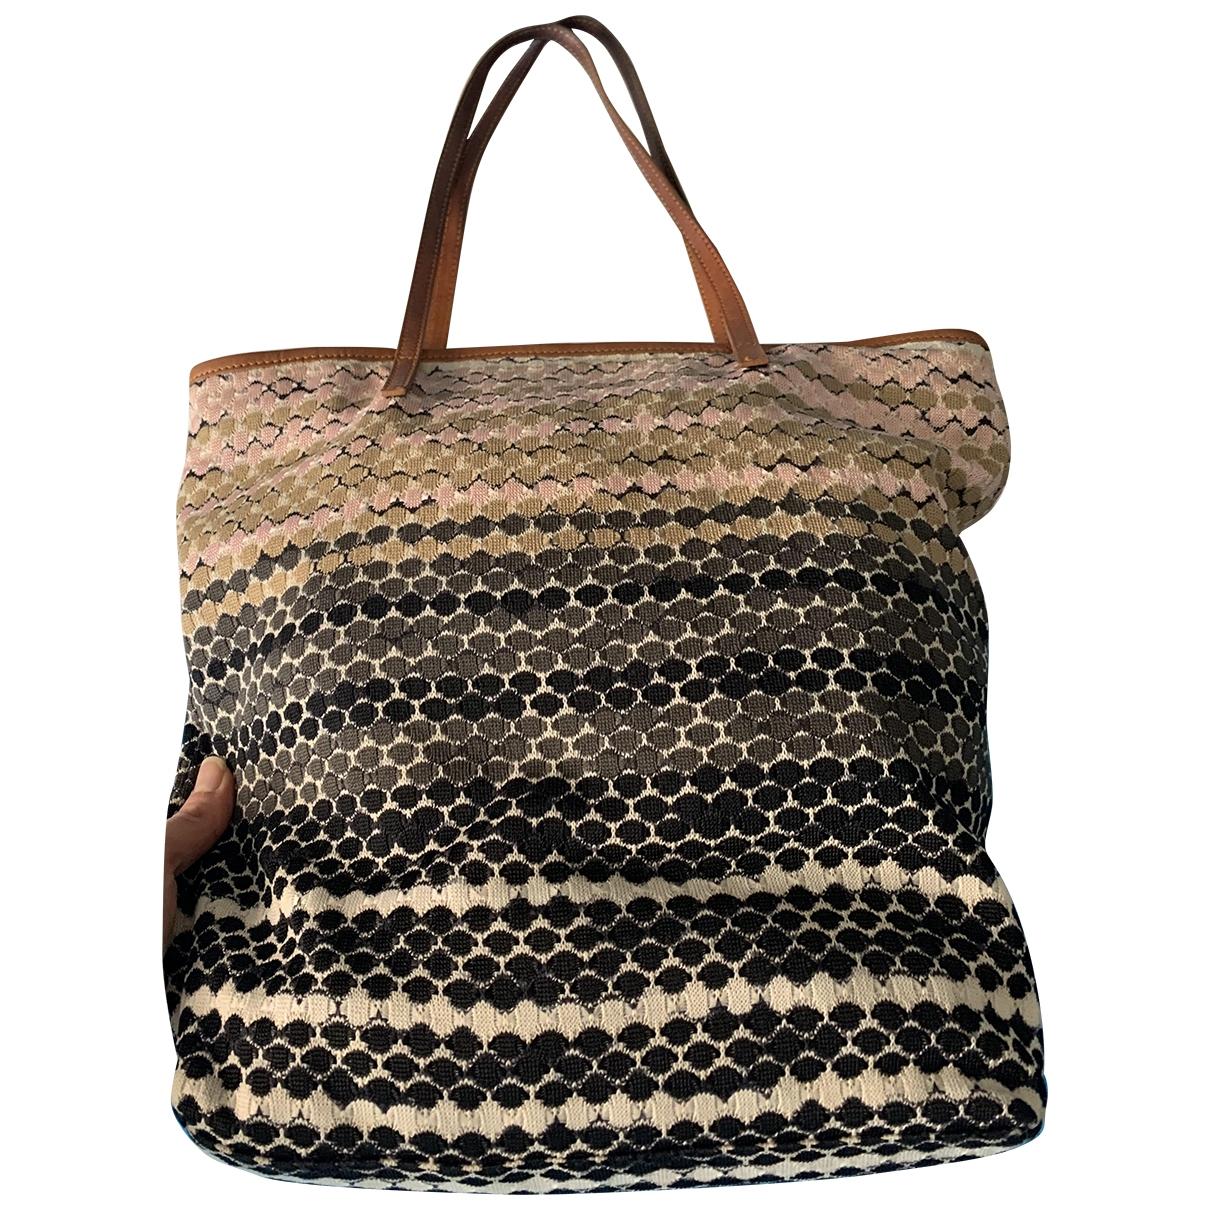 M Missoni \N Cotton handbag for Women \N